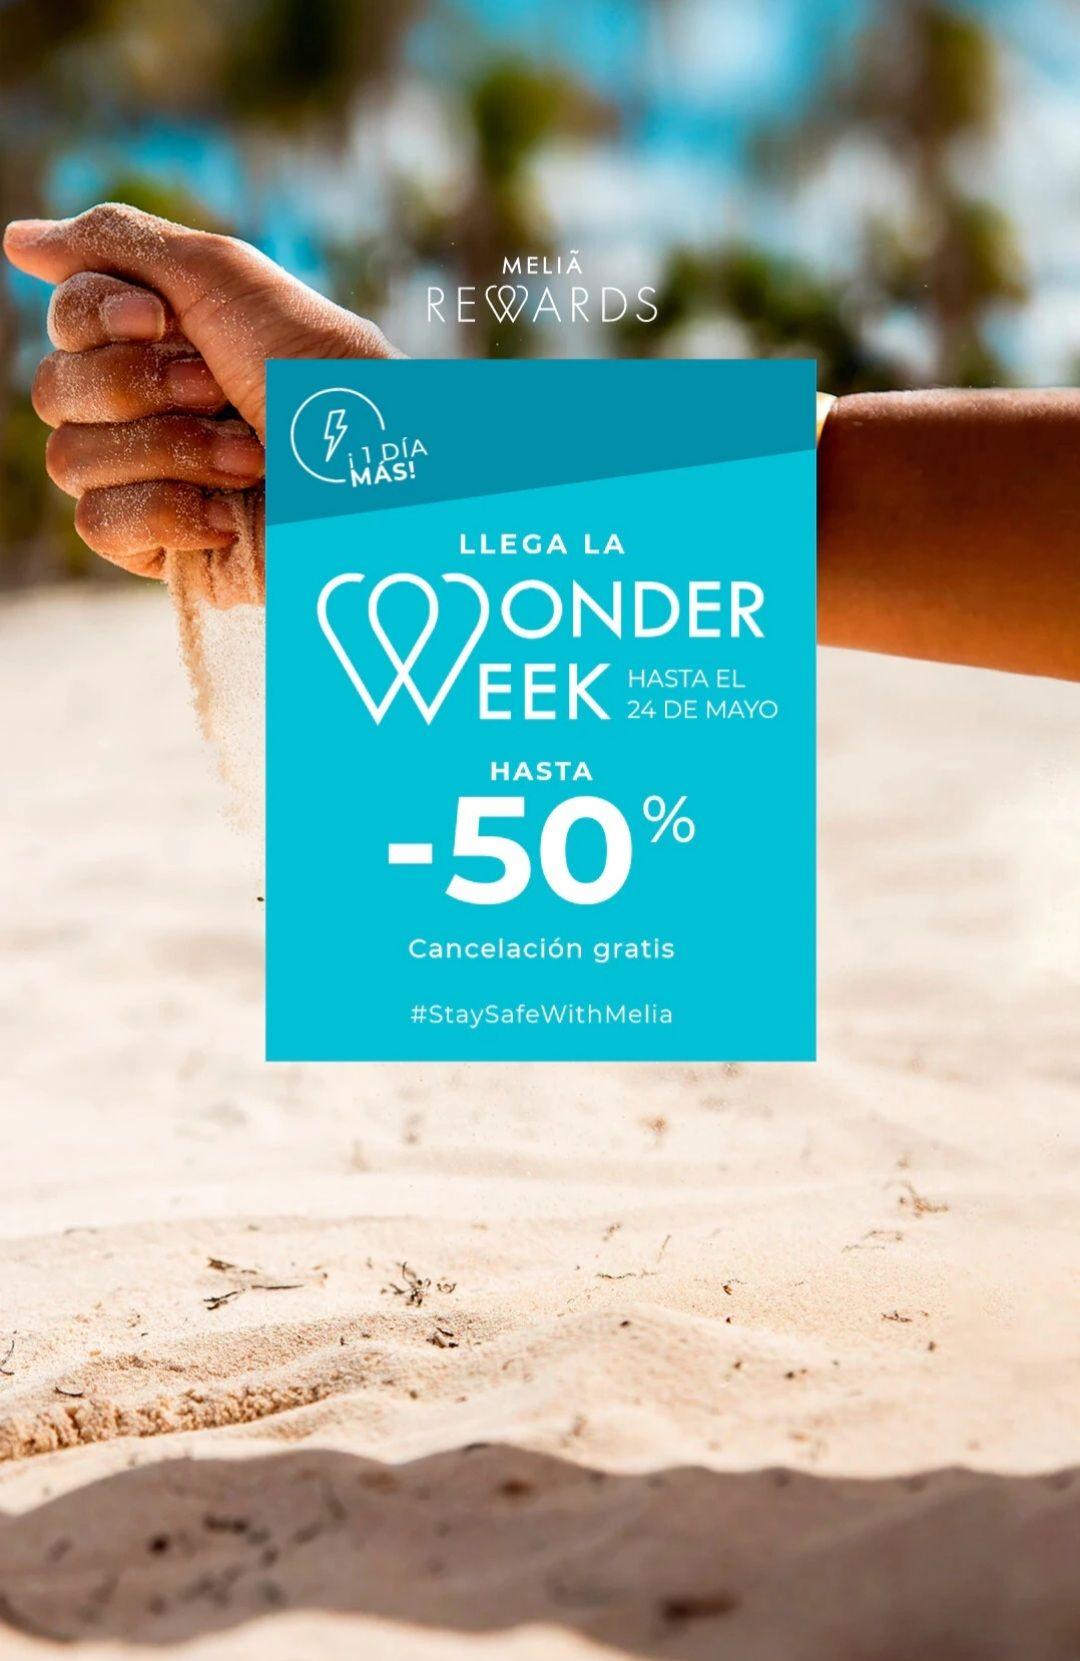 Reserva ya tus vacaciones con hasta -50%, cancelación y niños gratis*